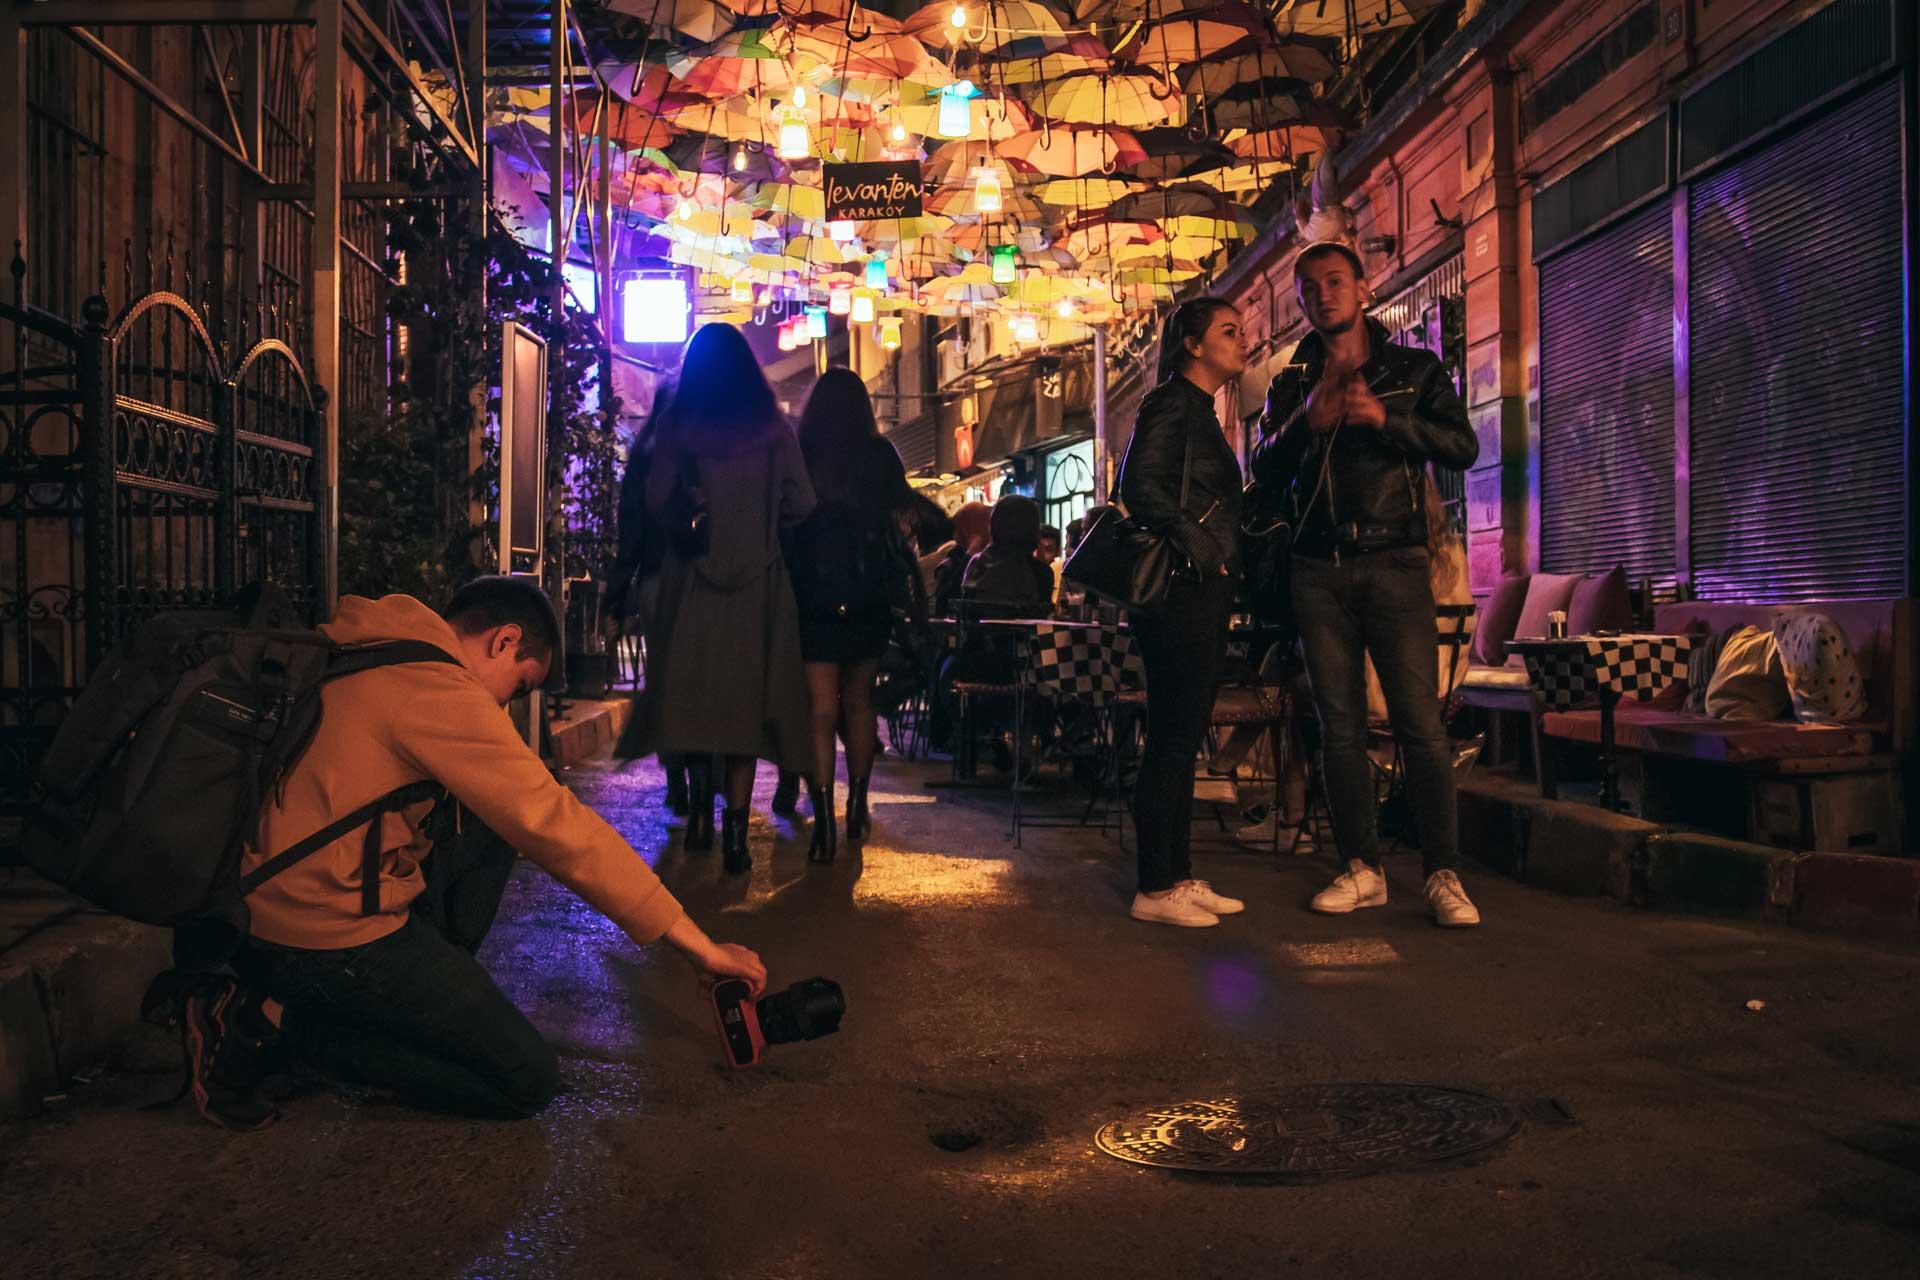 Karaköy Gece Fotoğrafları İstanbul Fotoğrafları Çekergezer Hakan Aydın Fotoğrafları www.cekergezer.com